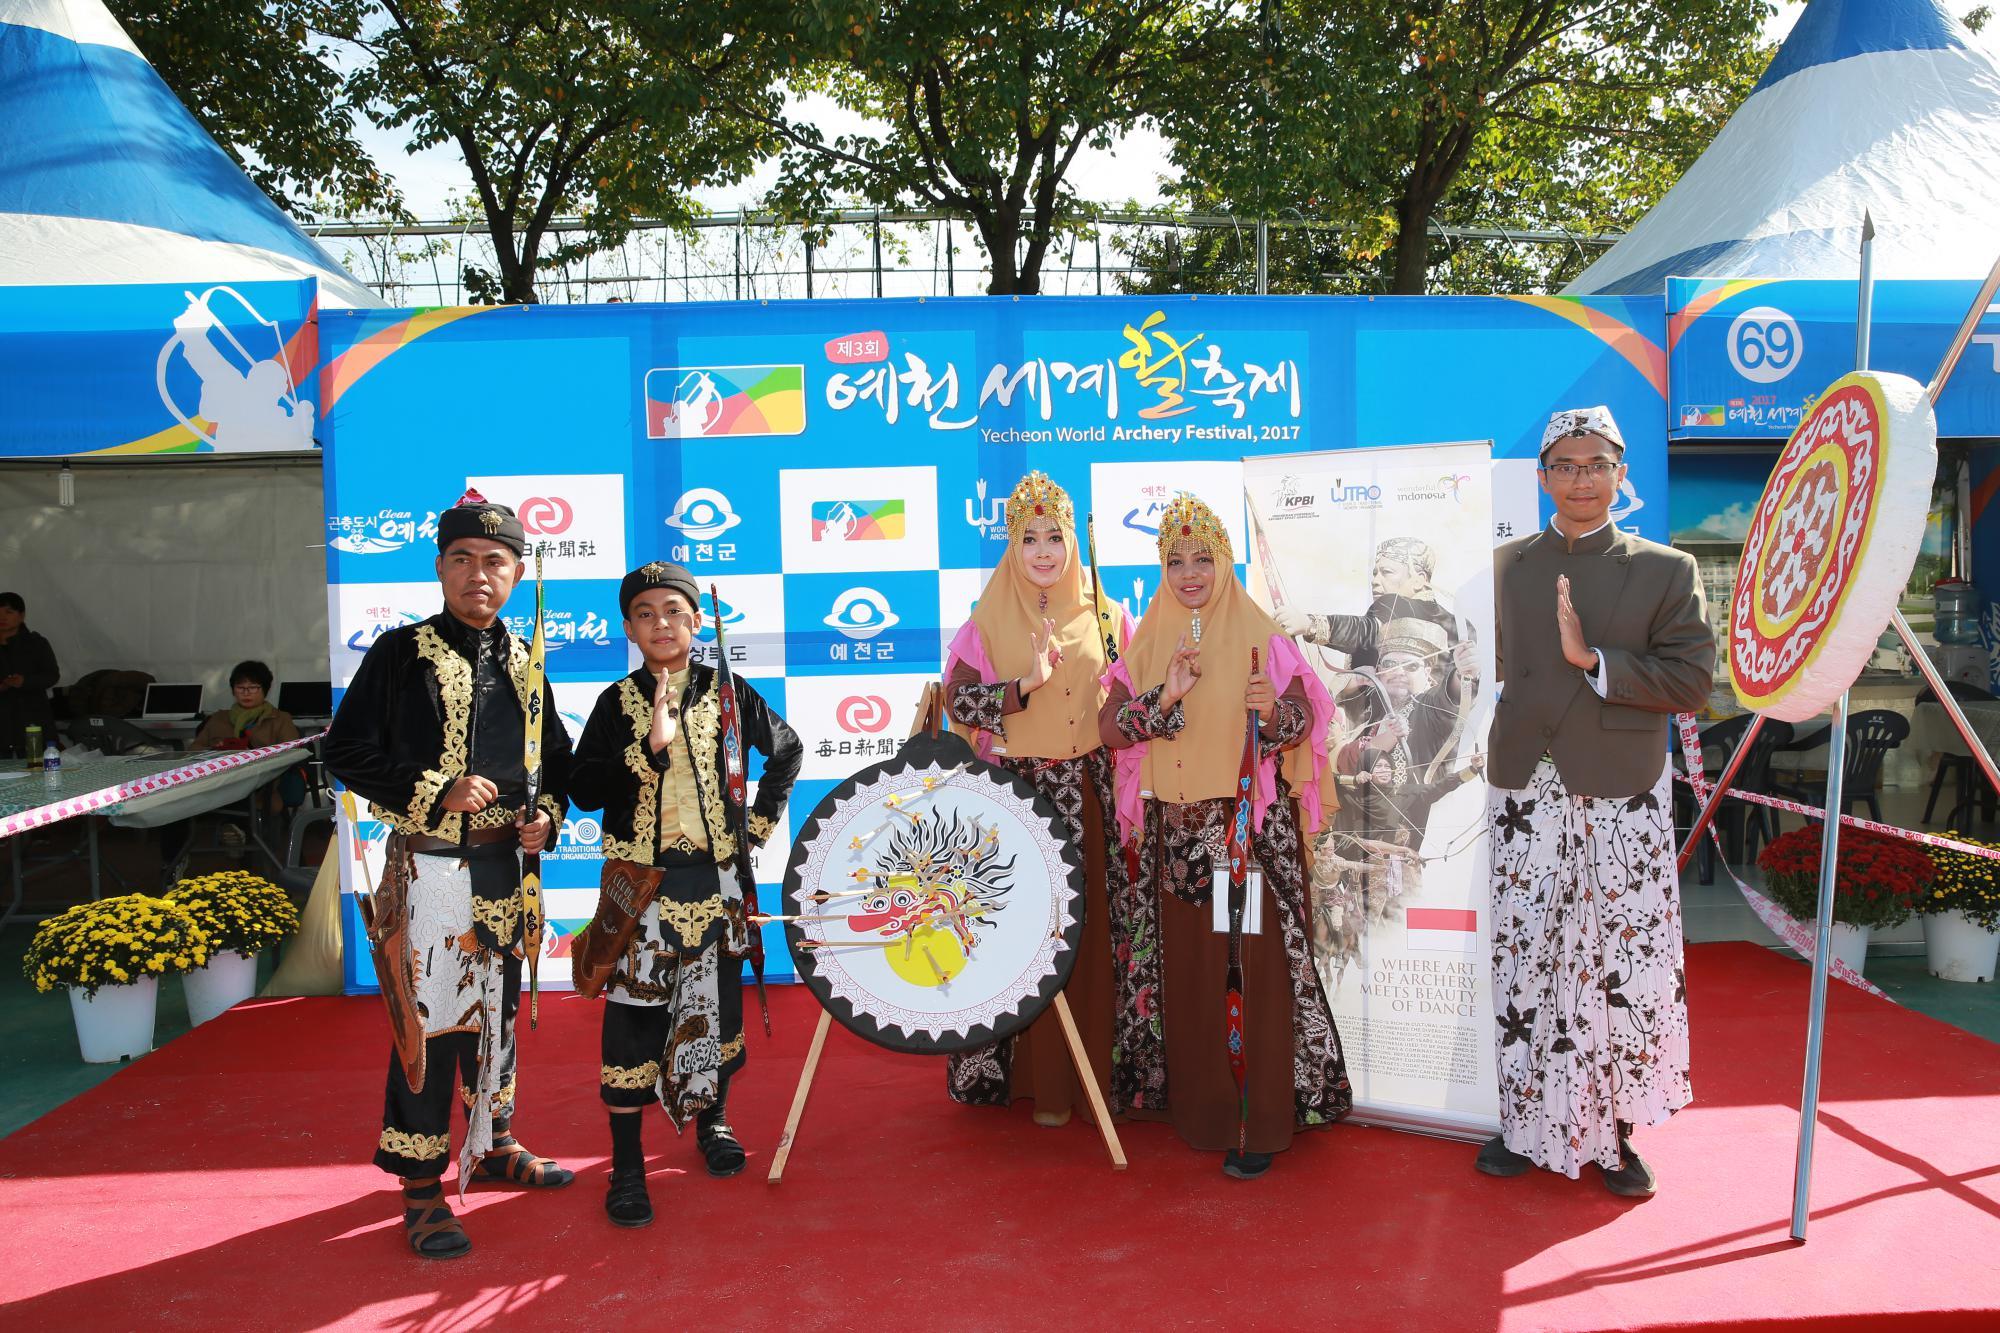 인도네시아 활쏘기 공연